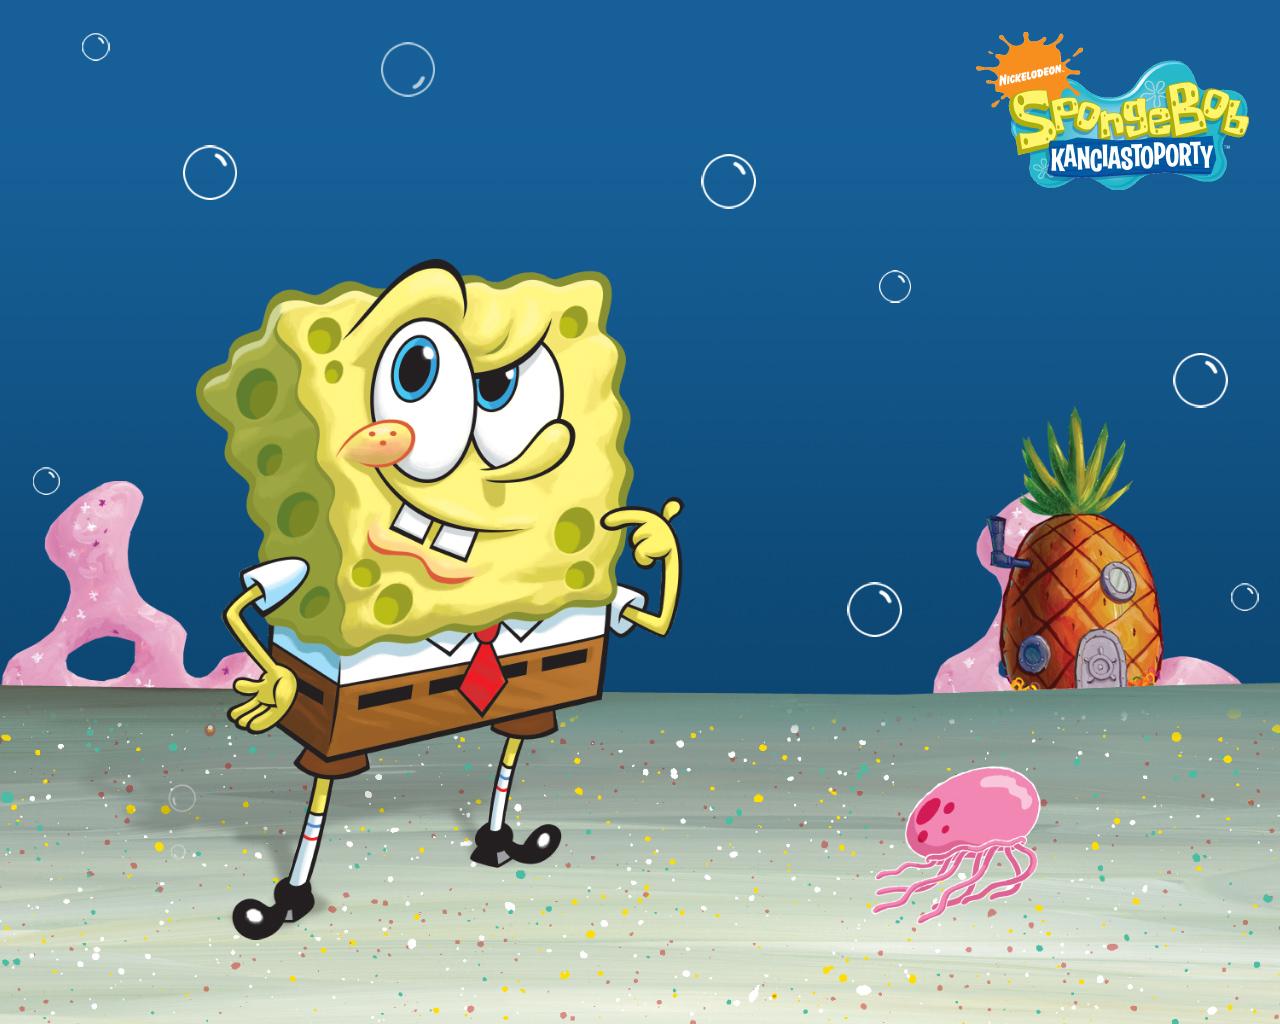 spongebob squarepants wallpaper wallpapersafari